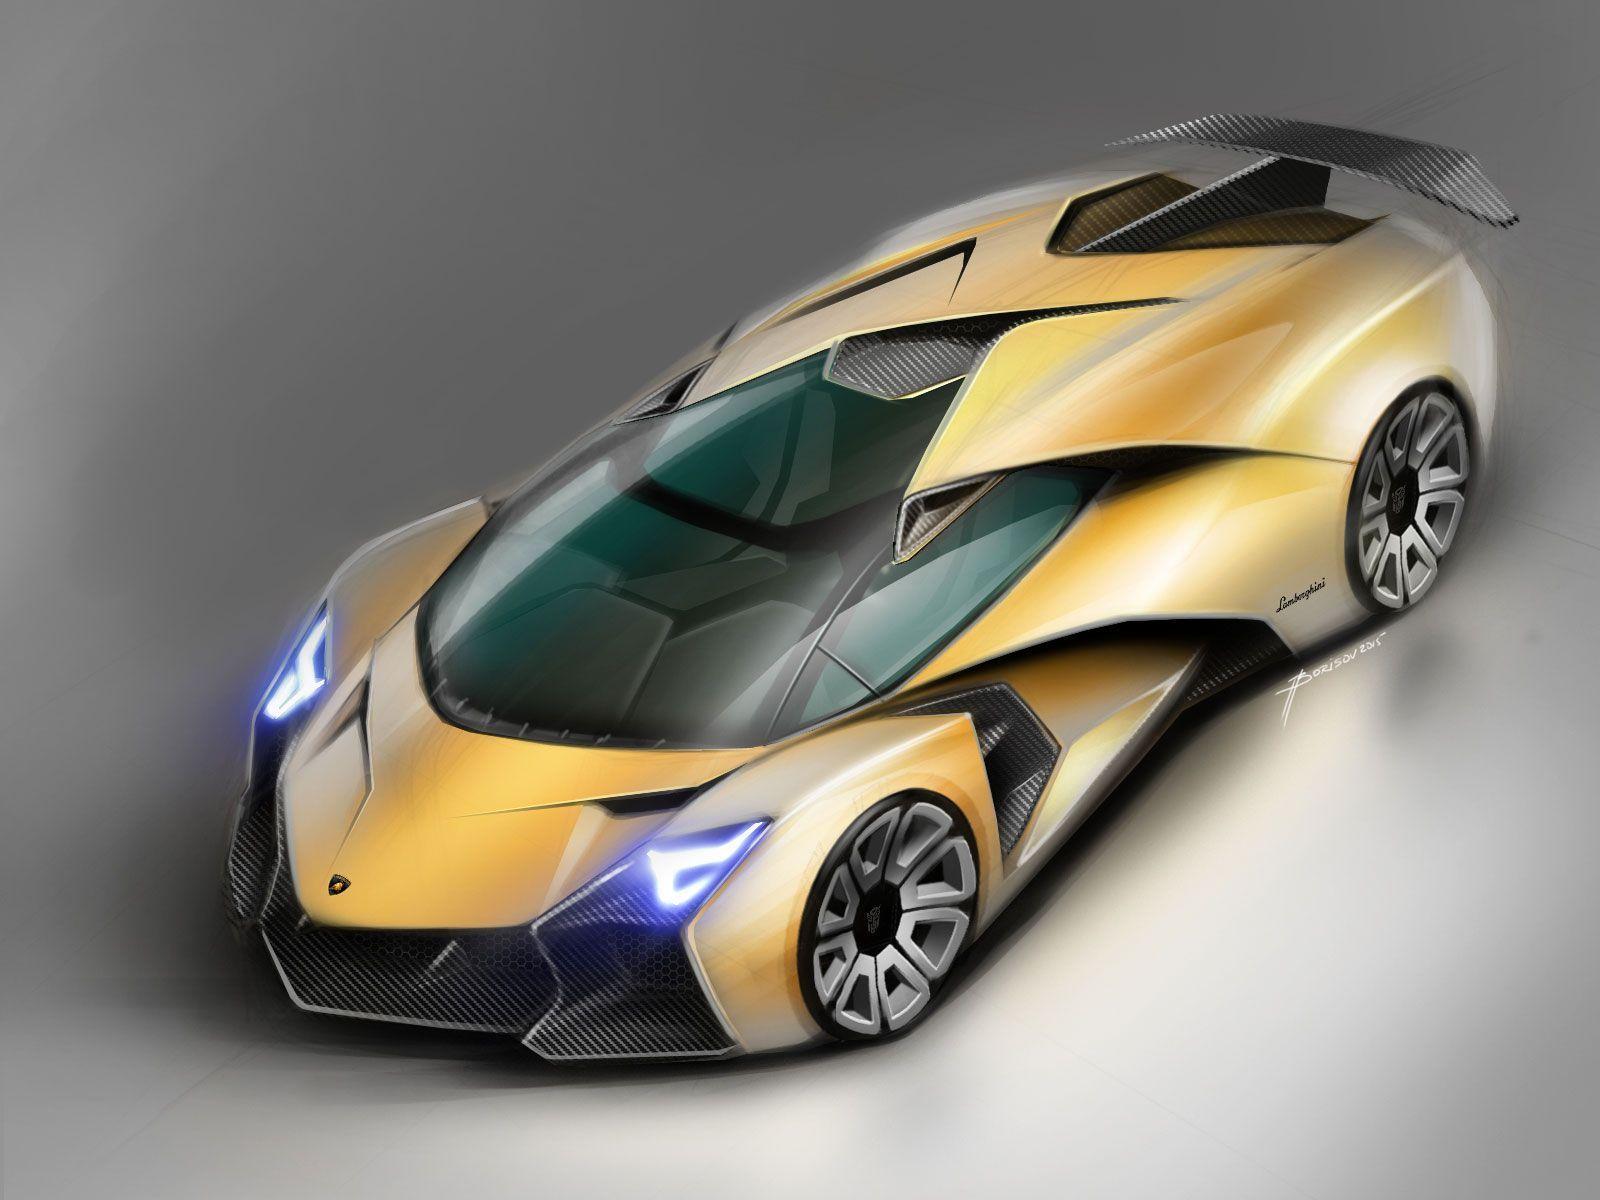 Lamborghini Encierro Concept Design Sketch Render #Lamborghini ... on